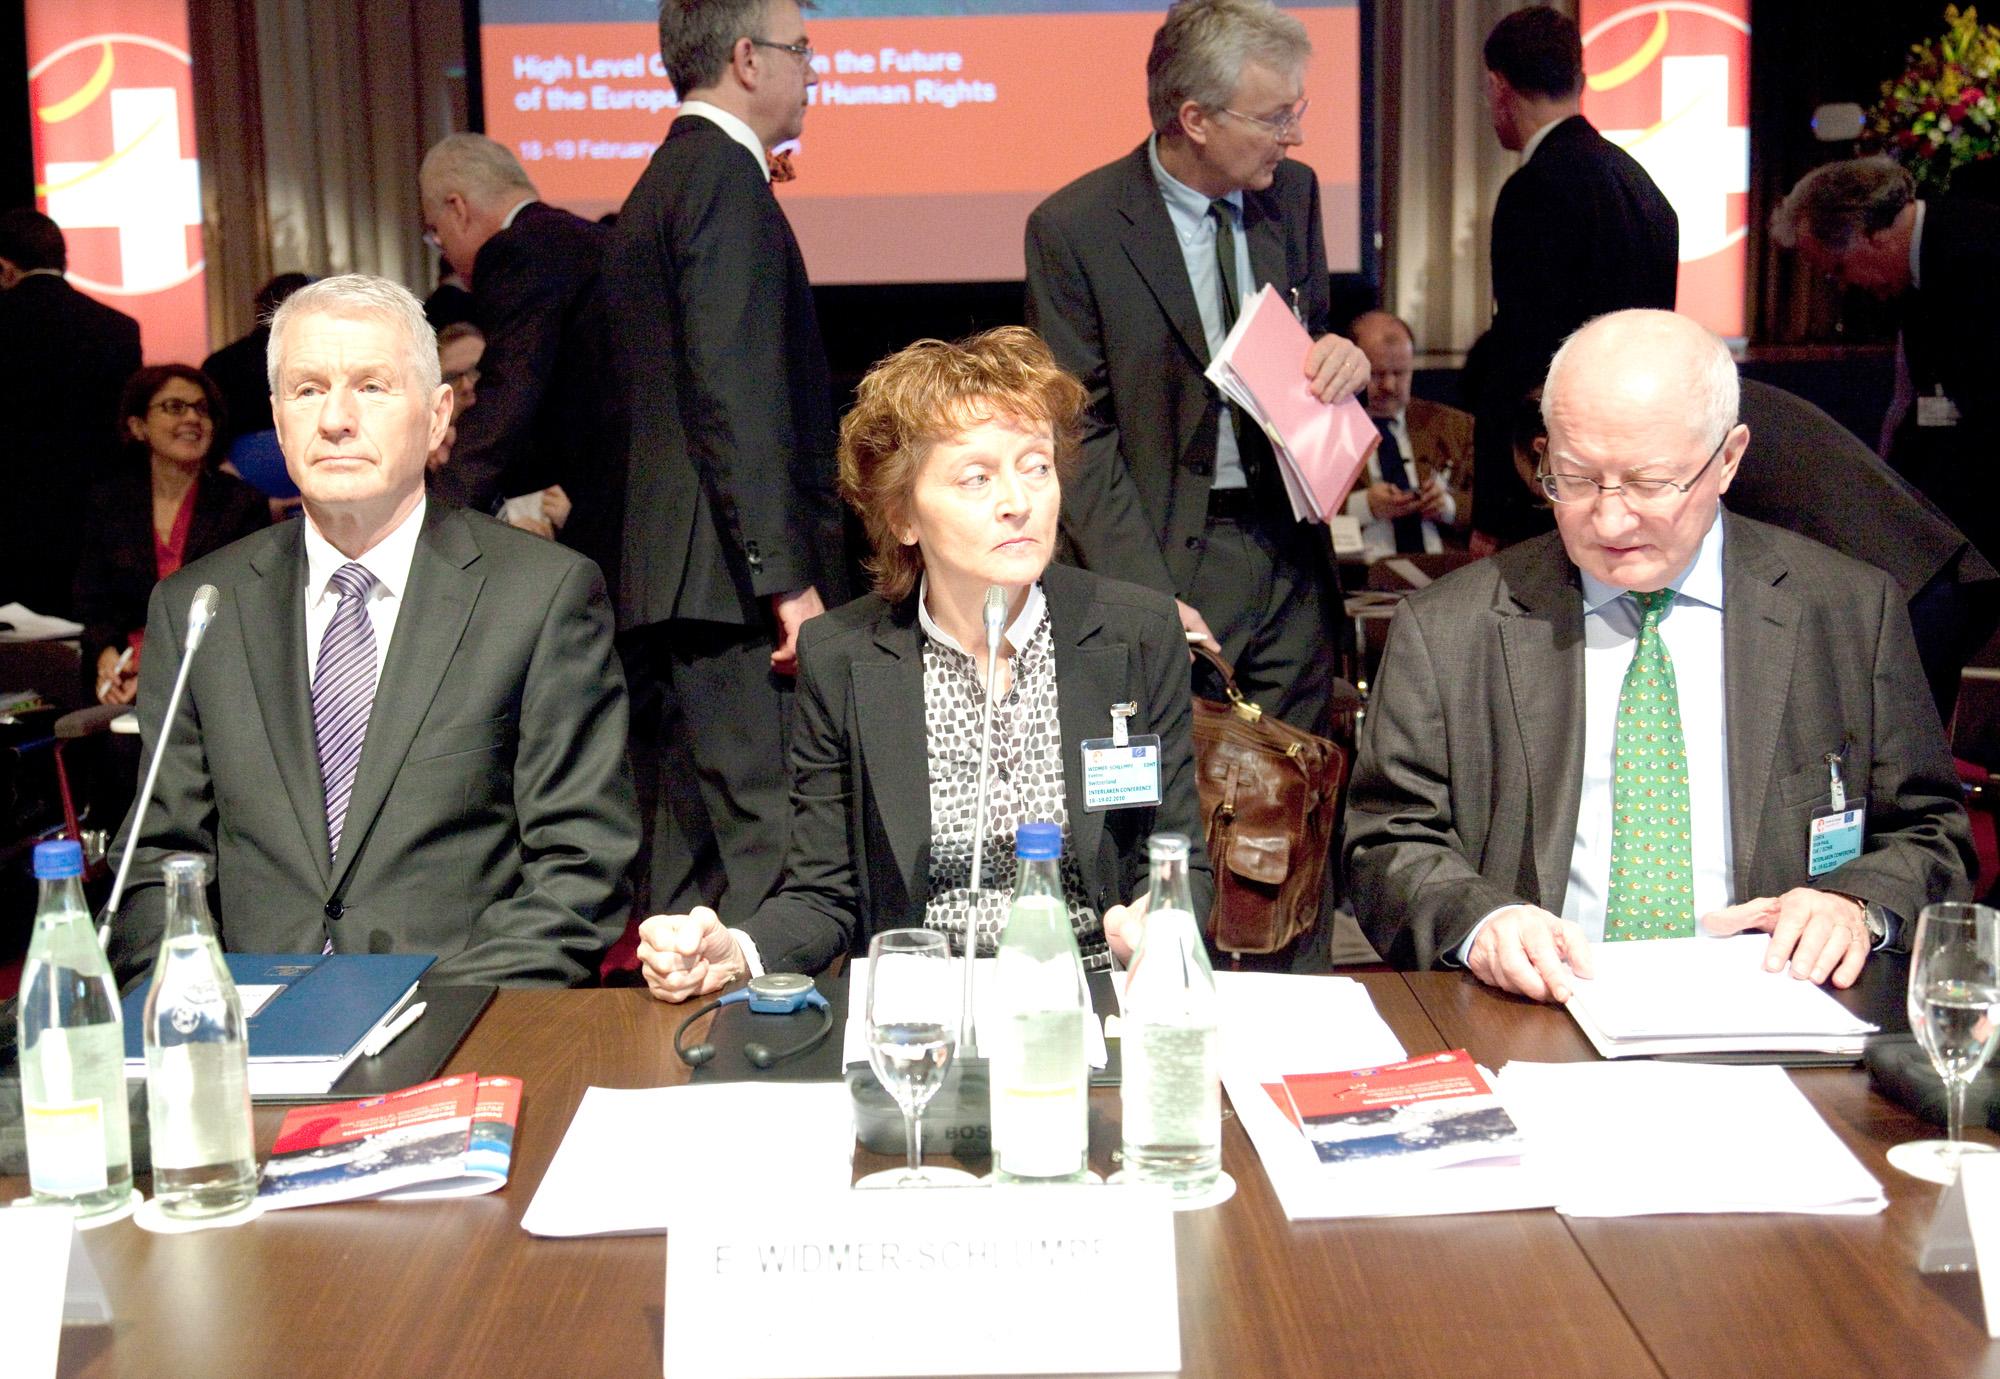 Interlaken-Konferenz ueber die Zukunft des Europaeischen Gerichtshof fuer Menschenrechte